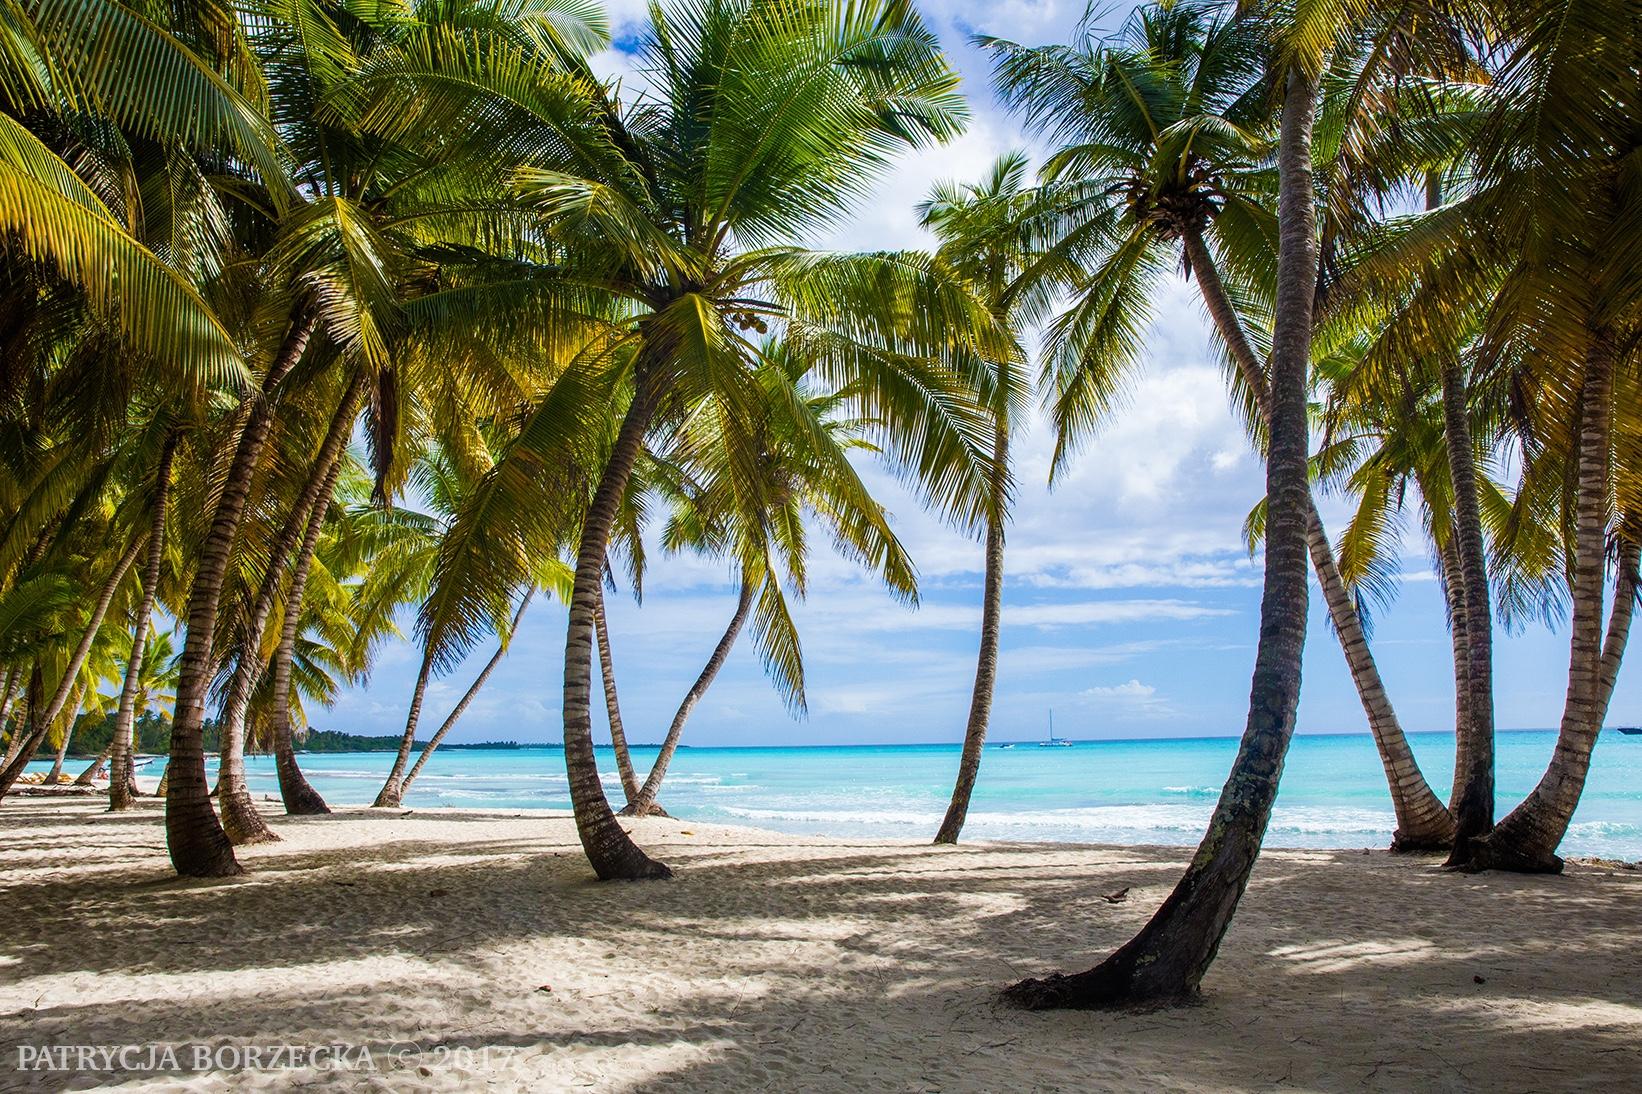 Dominicana-Palmeras-Patrycja-Borzecka-Photo